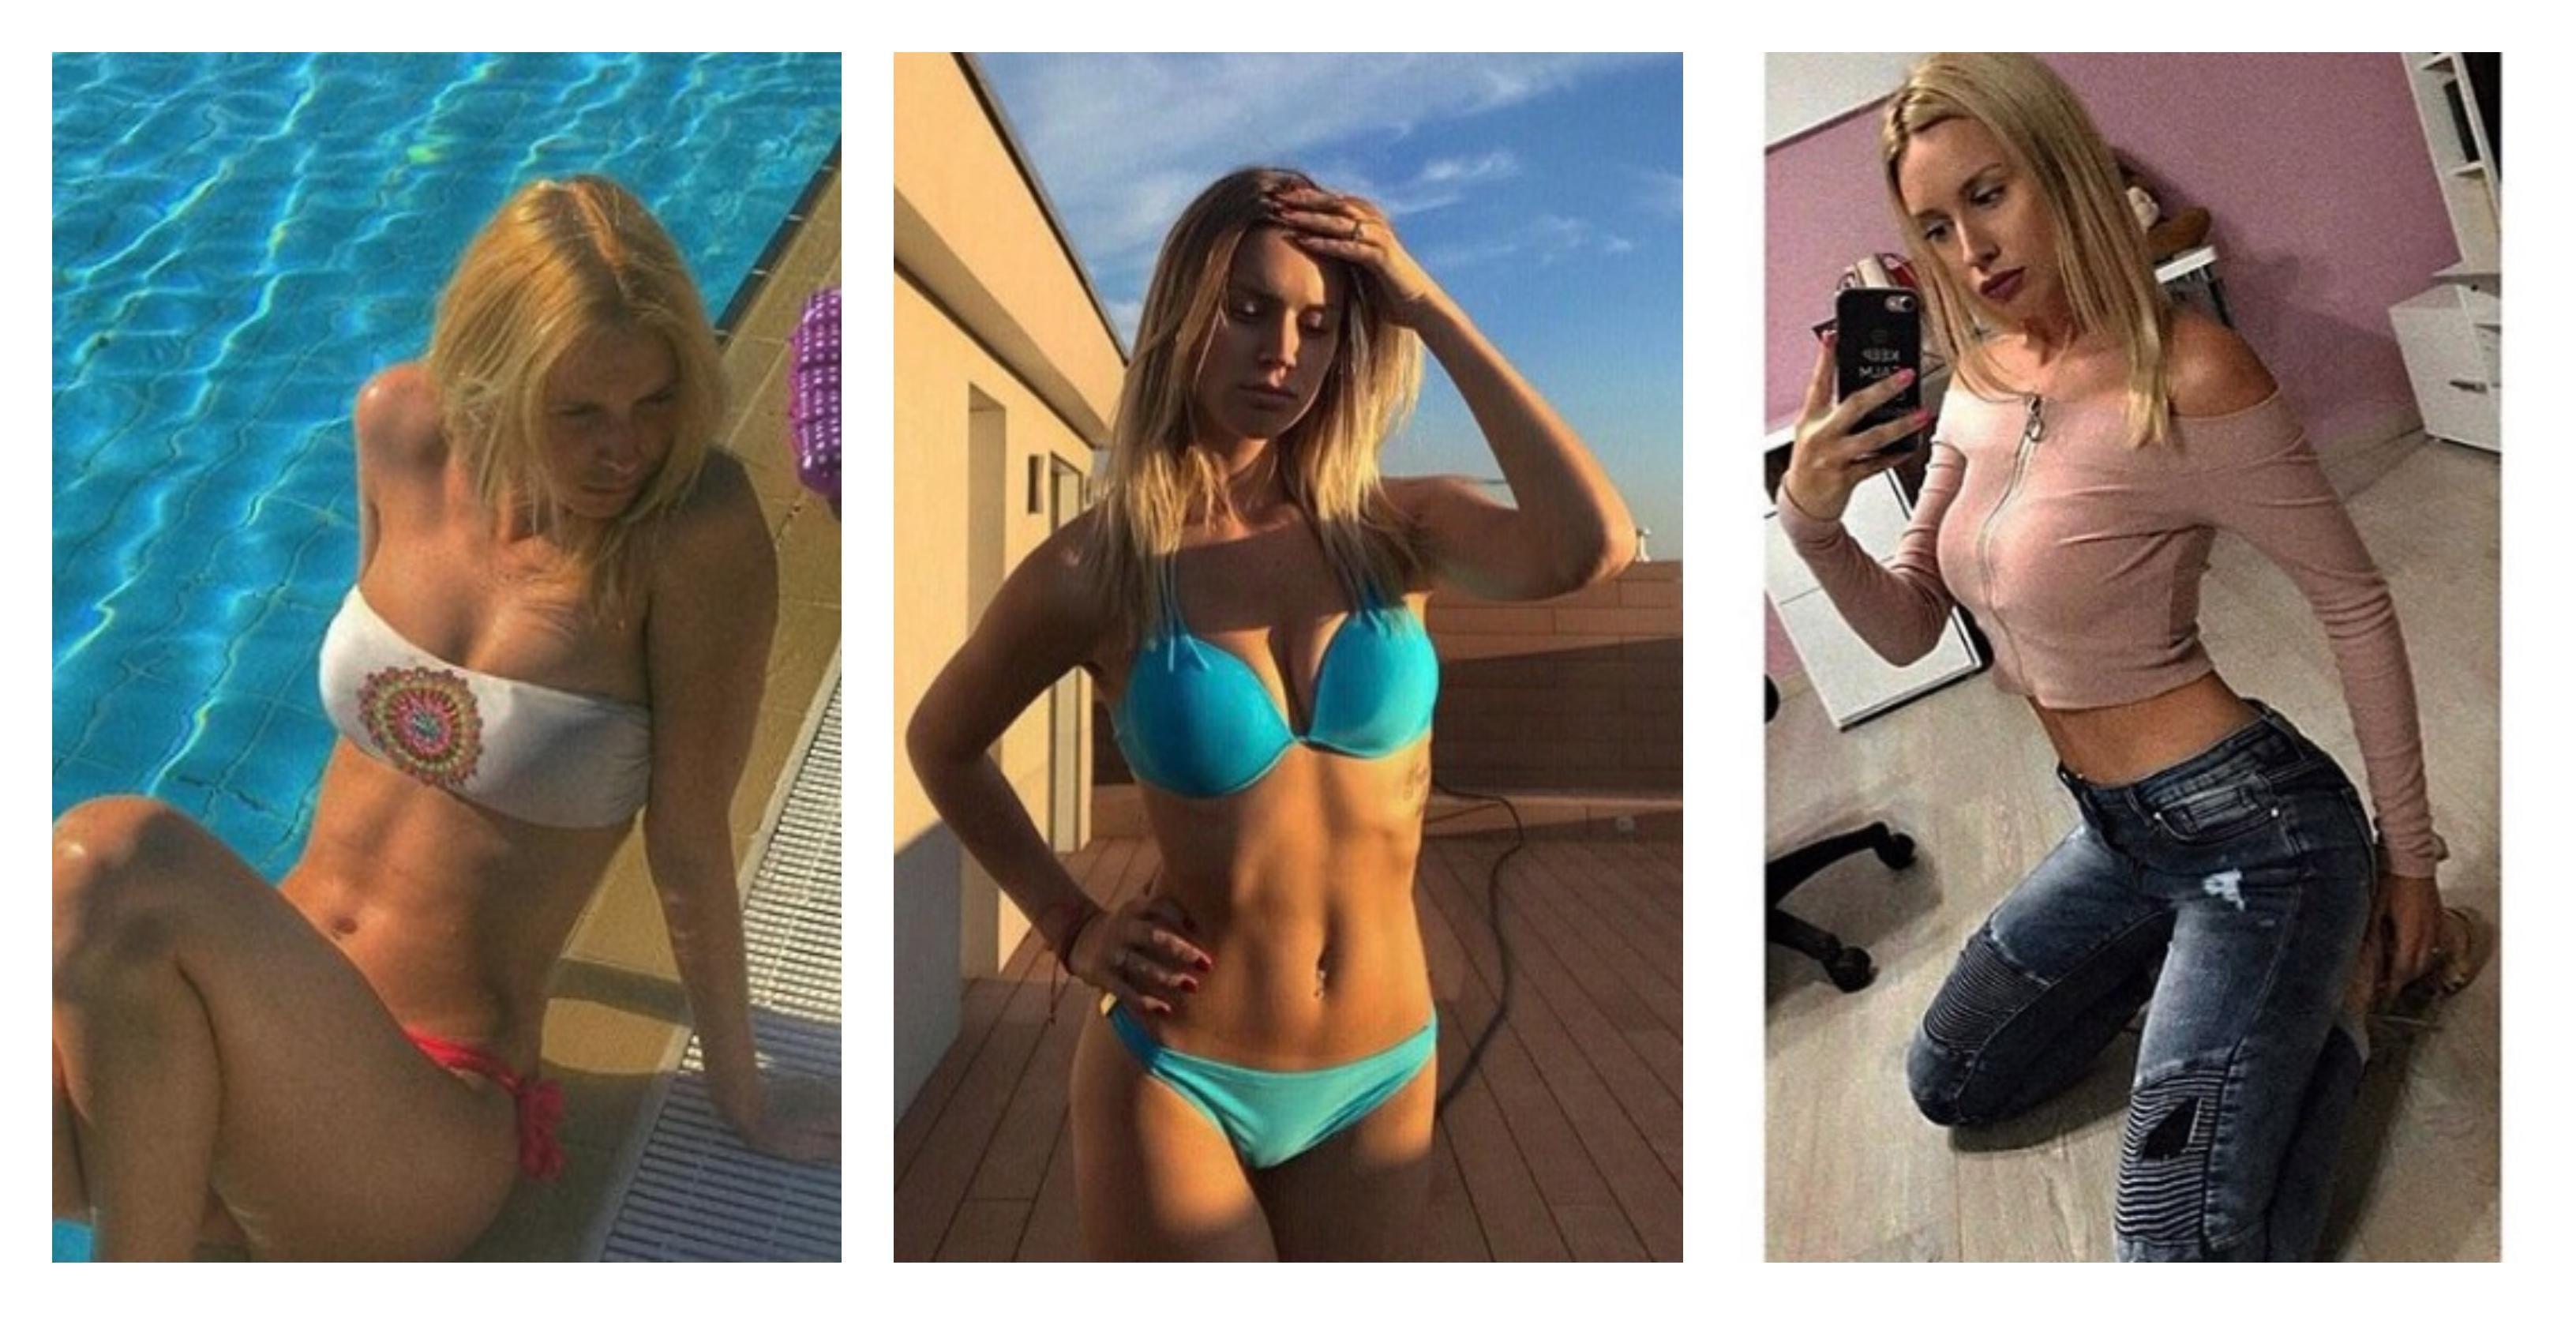 Talijani su ludi za njom, a na Instagramu je zvijezda: Brozovićeva seksi sestra krade pažnju